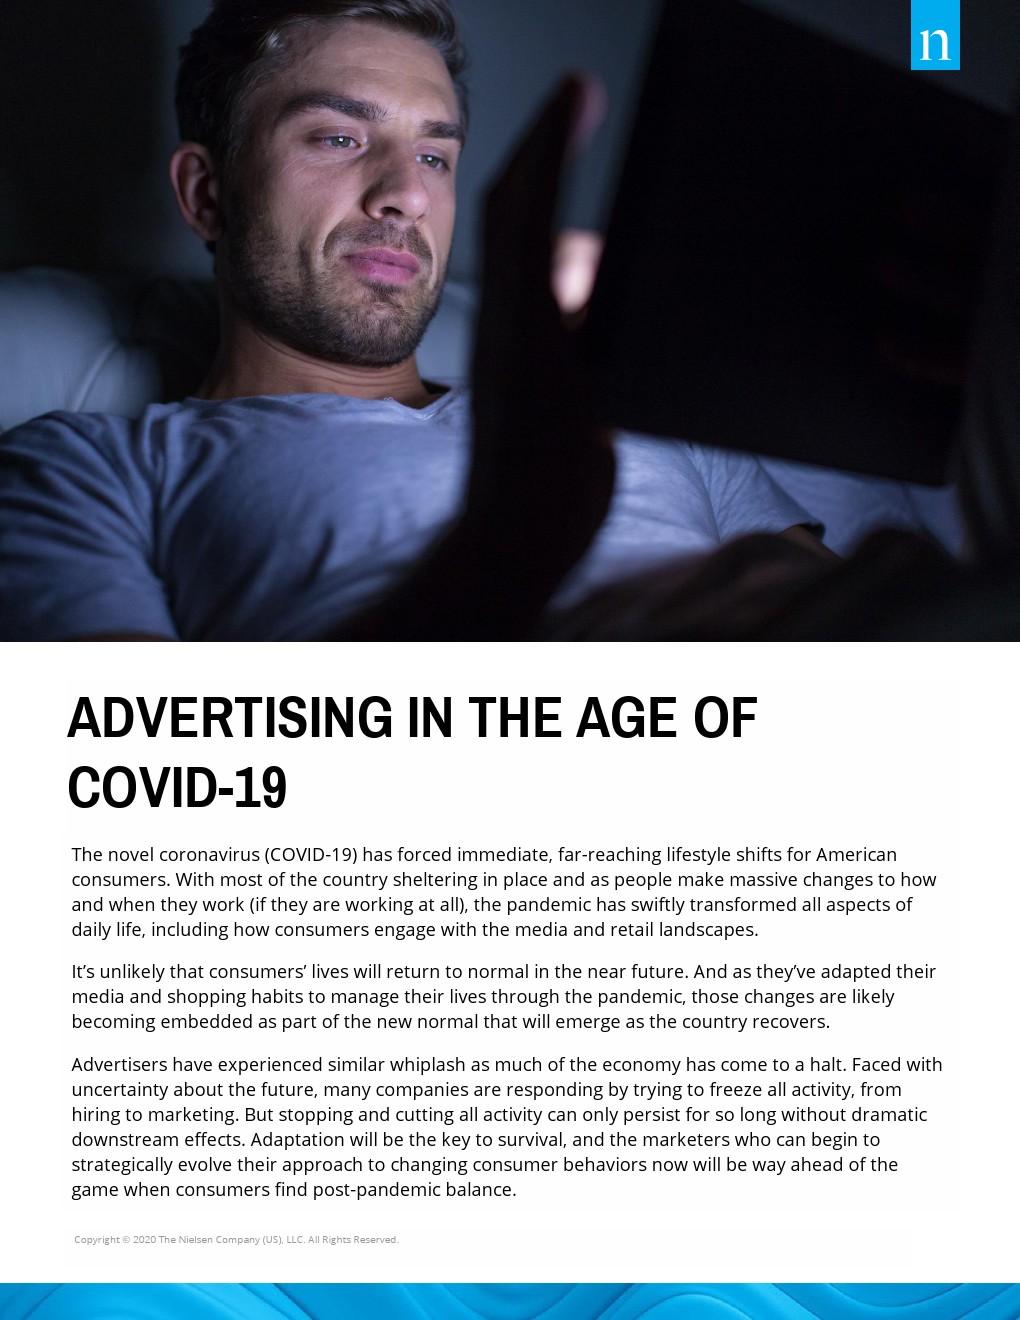 尼尔森:COVID-19时期的广告业